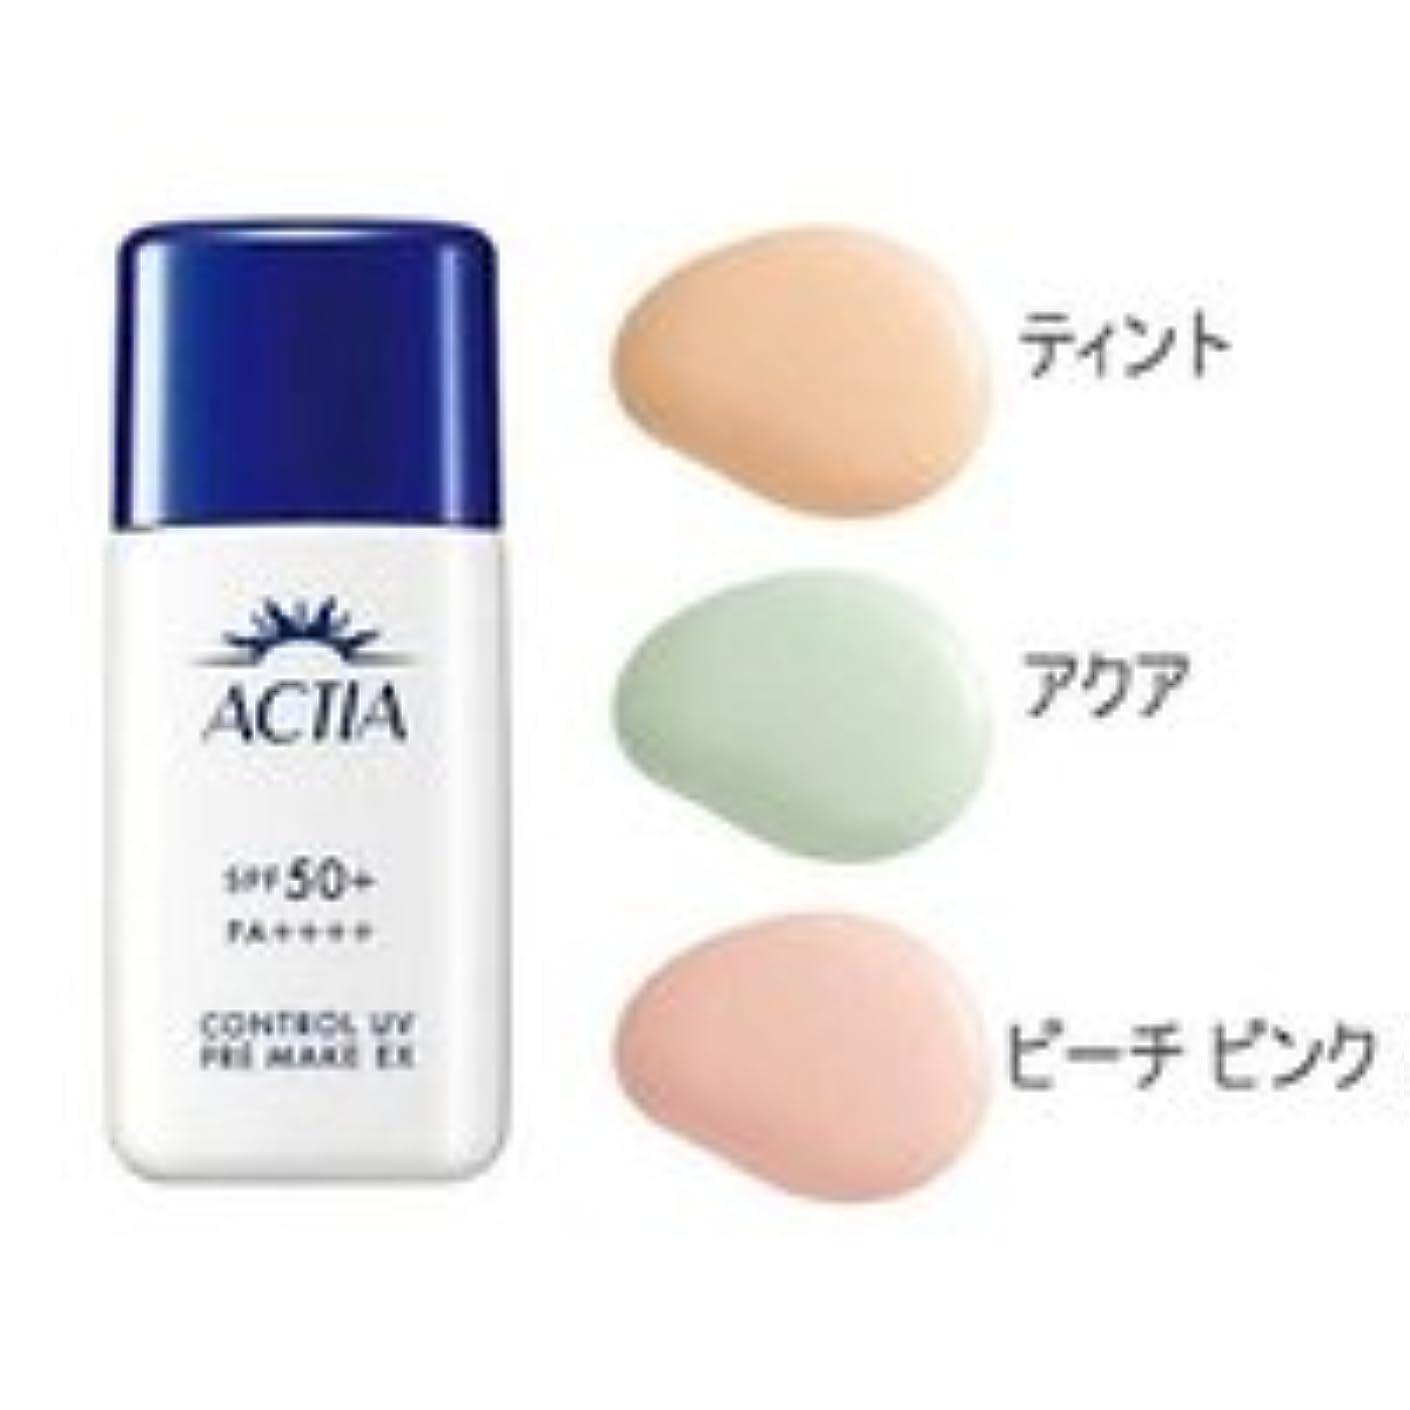 嫌がらせ刺しますつまずくエイボン (AVON) アクティア コントロール UV プレメイク EX 30ml (アクア)